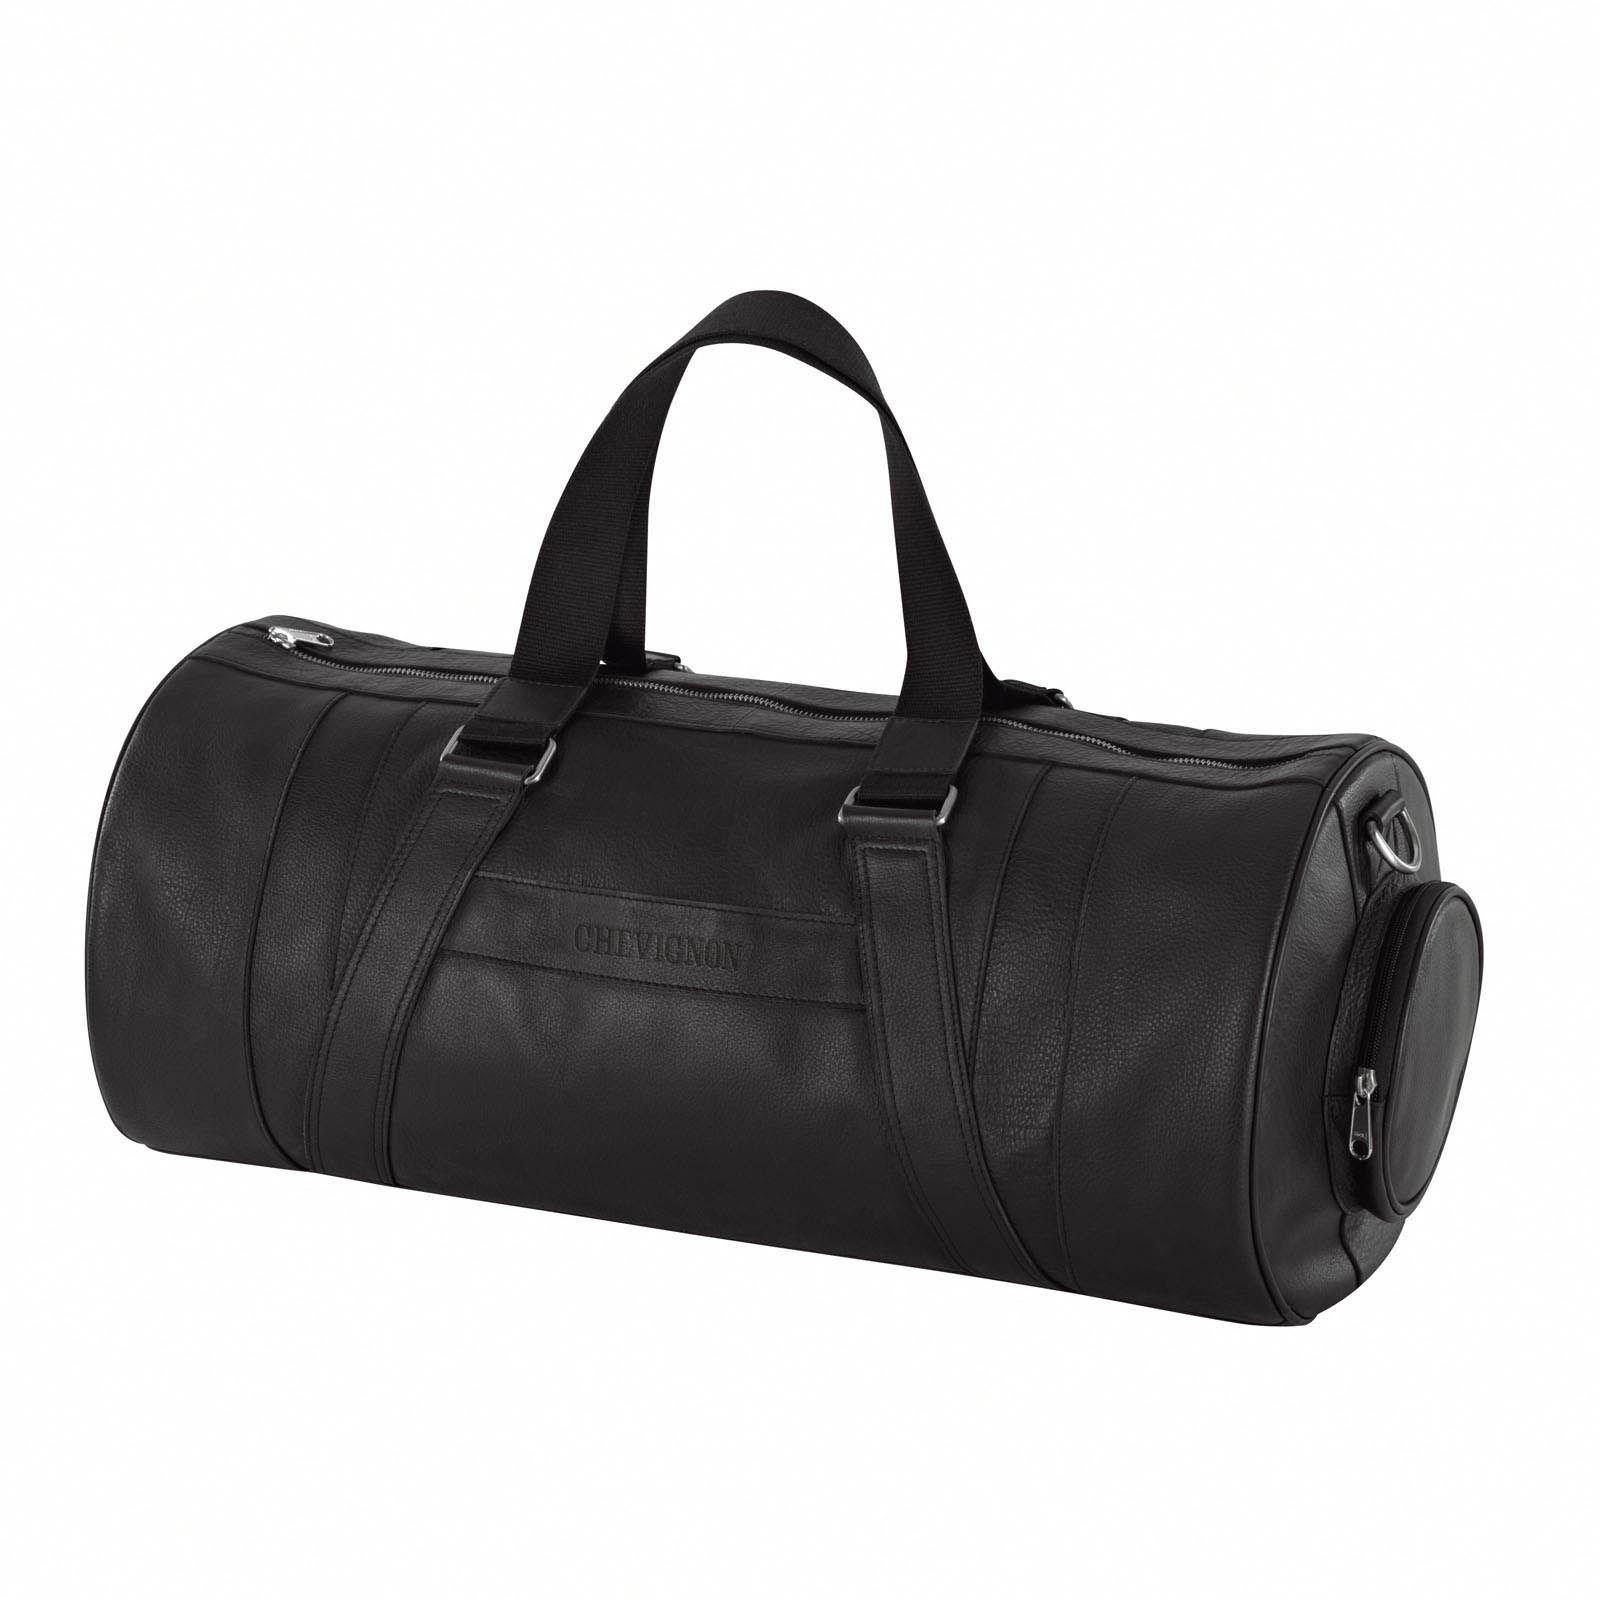 sac de voyage cuir de vachette pleine peau bagages publicitaires kelcom. Black Bedroom Furniture Sets. Home Design Ideas